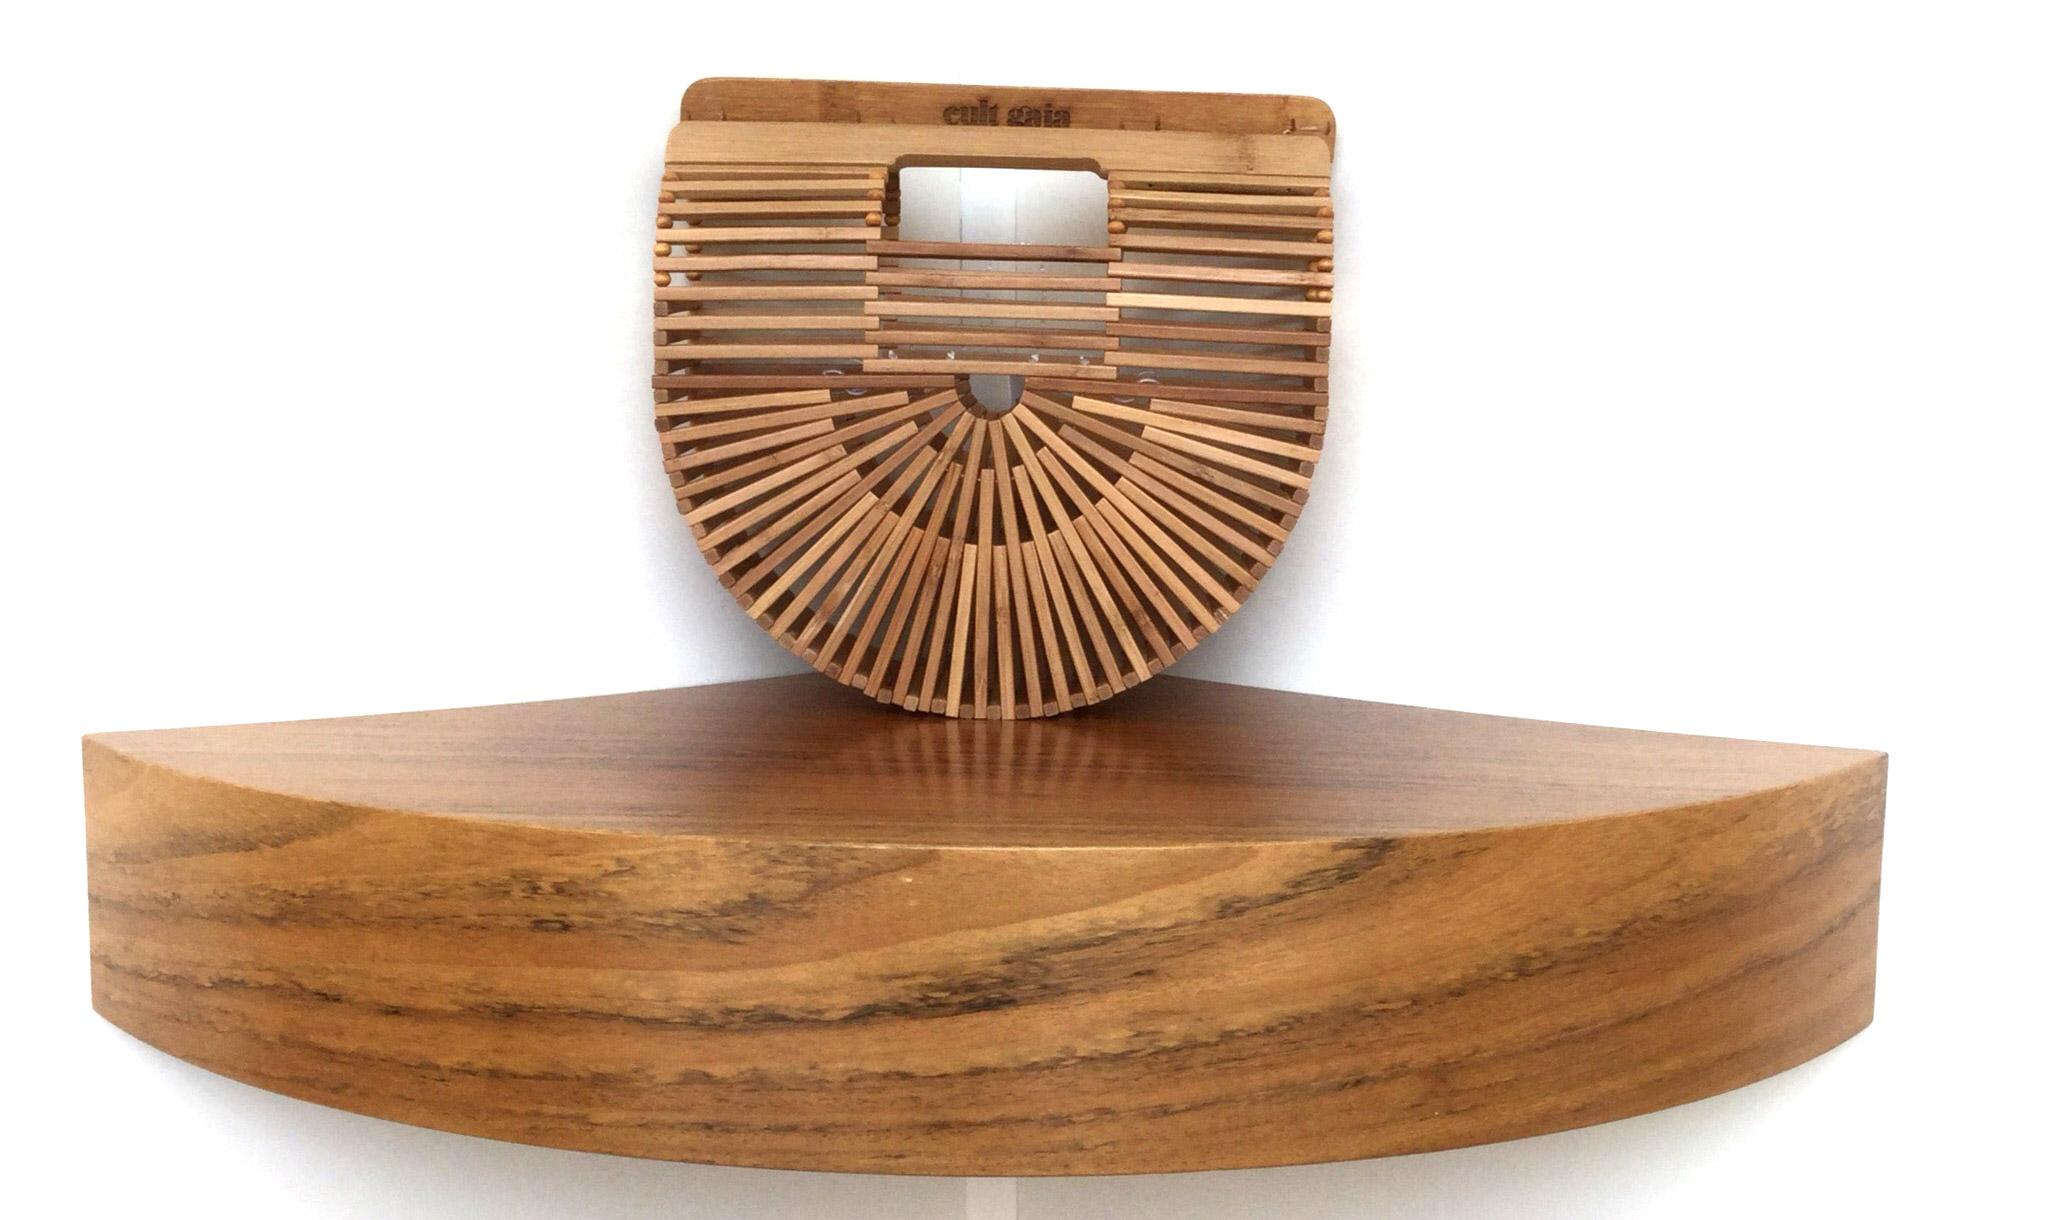 Bolso de mano de Cult Gaia Ark small de madera de bamboo - PATOS Valencia